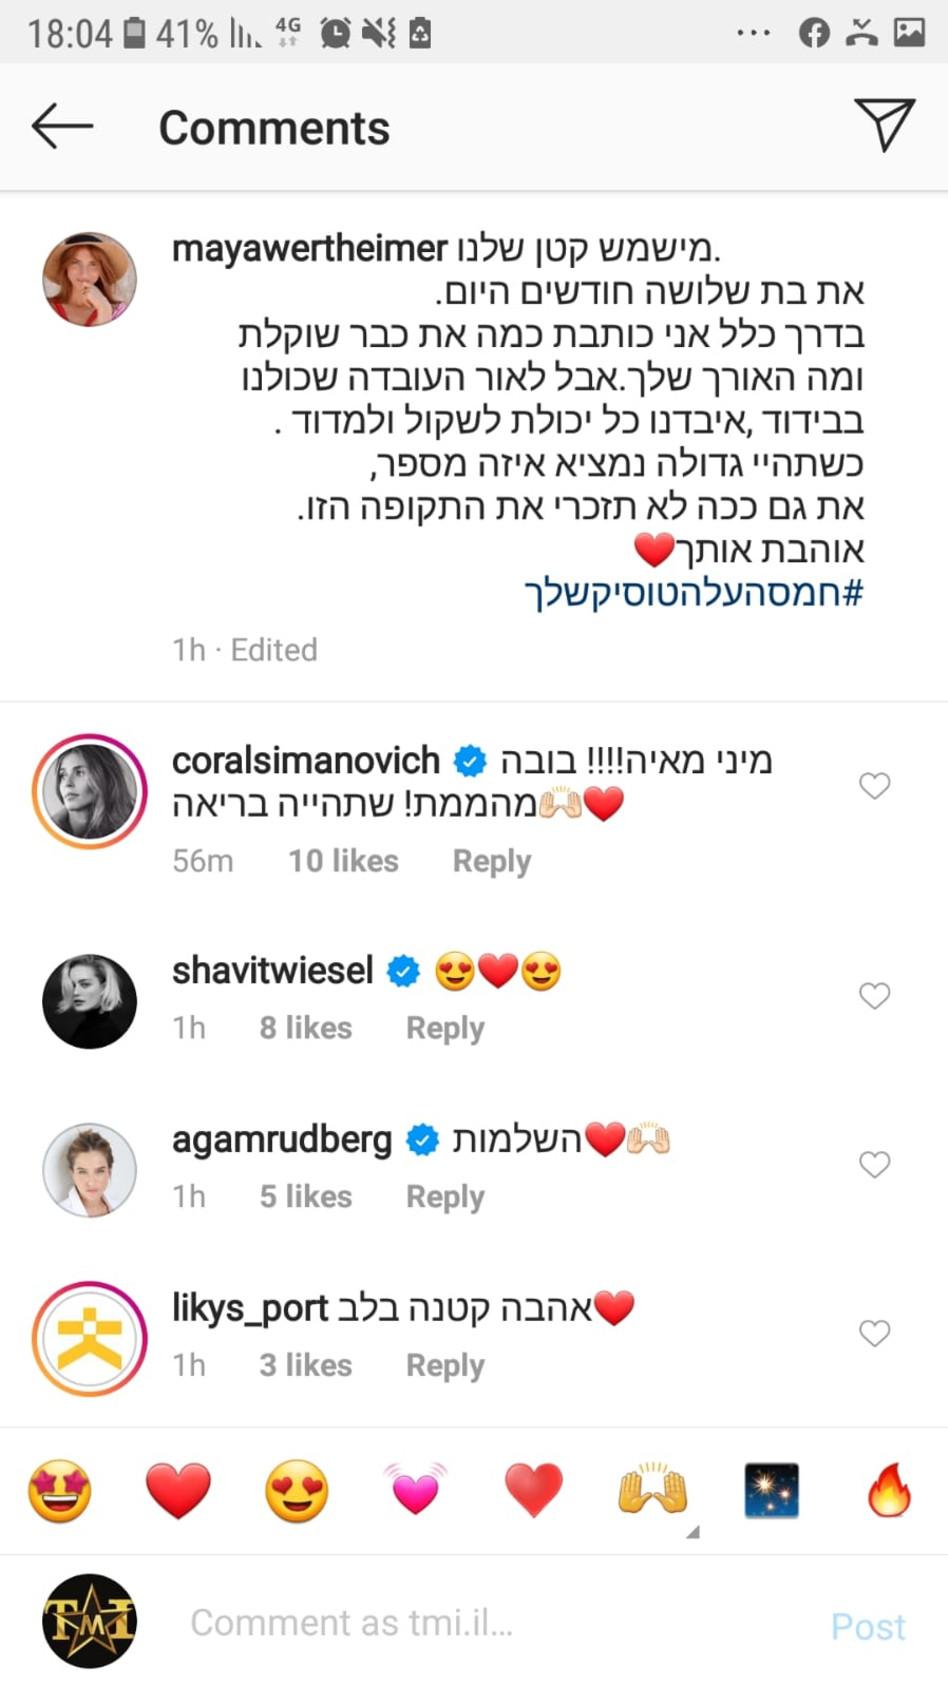 הפוסט של מאיה ורטהיימר (צילום: צילום מסך אינסטגרם)